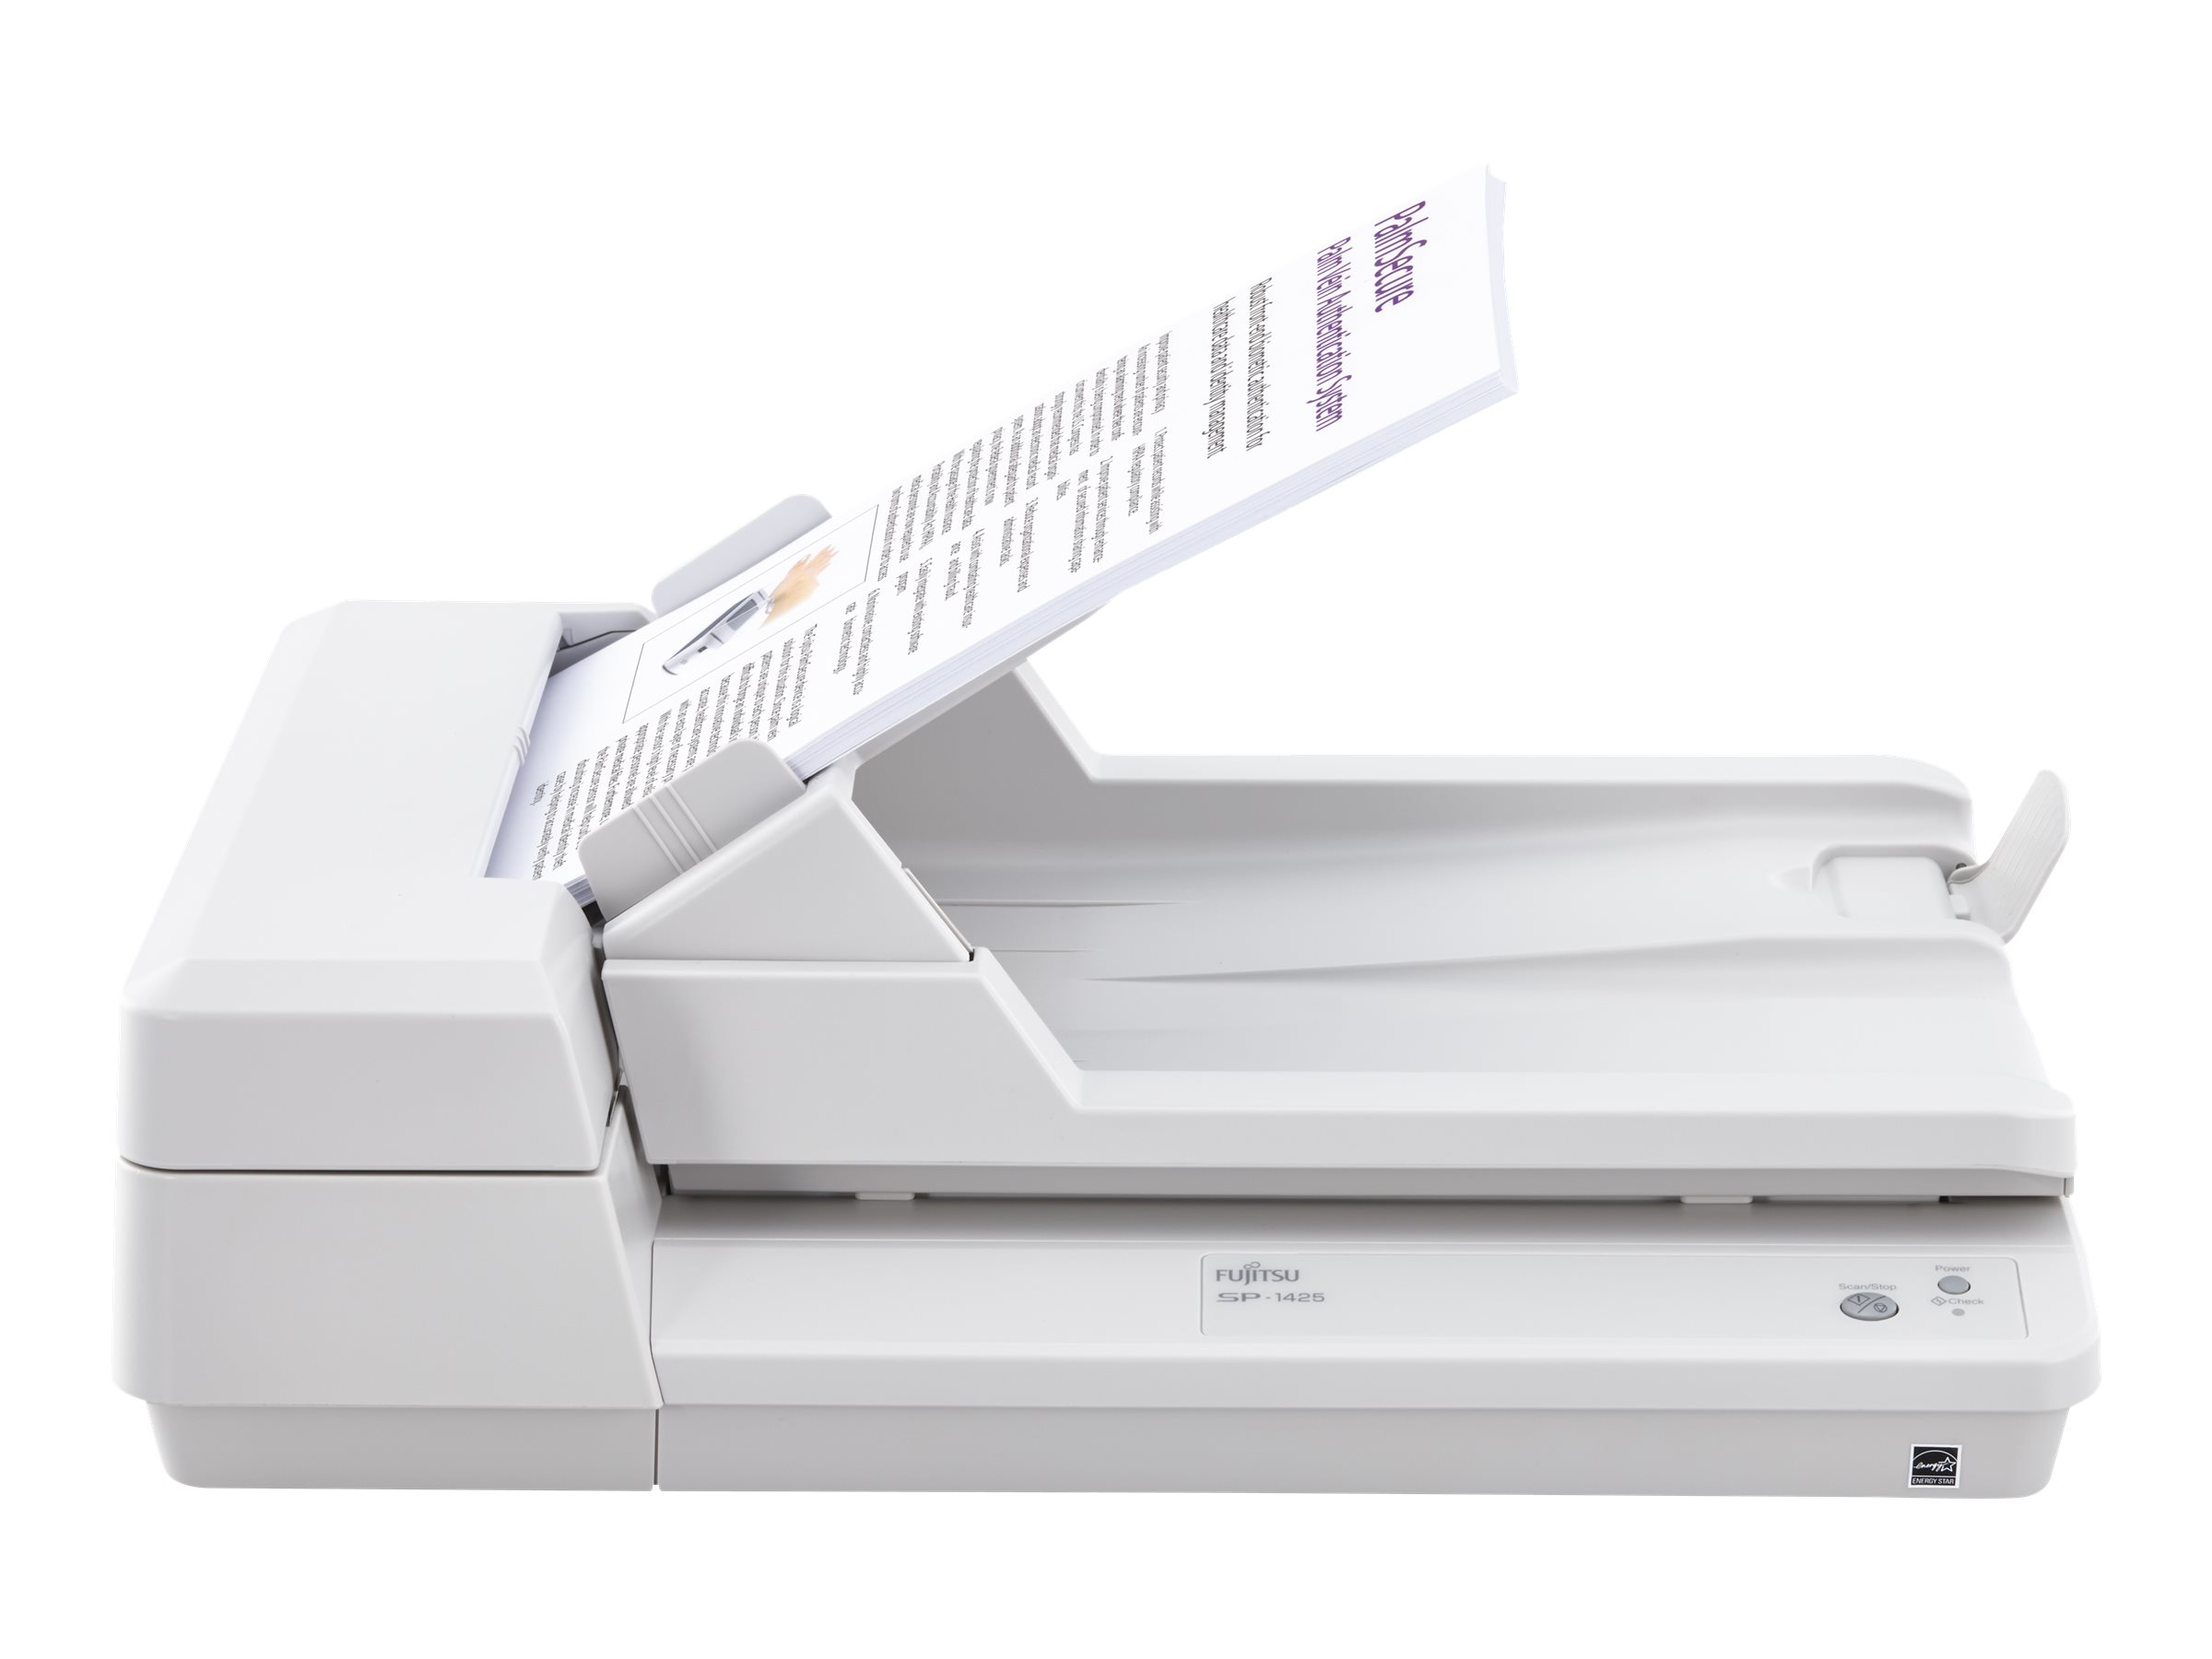 Fujitsu SP-1425 - Dokumentenscanner - Duplex - A4 - 600 dpi x 600 dpi - bis zu 25 Seiten/Min. (einfarbig) / bis zu 25 Seiten/Min